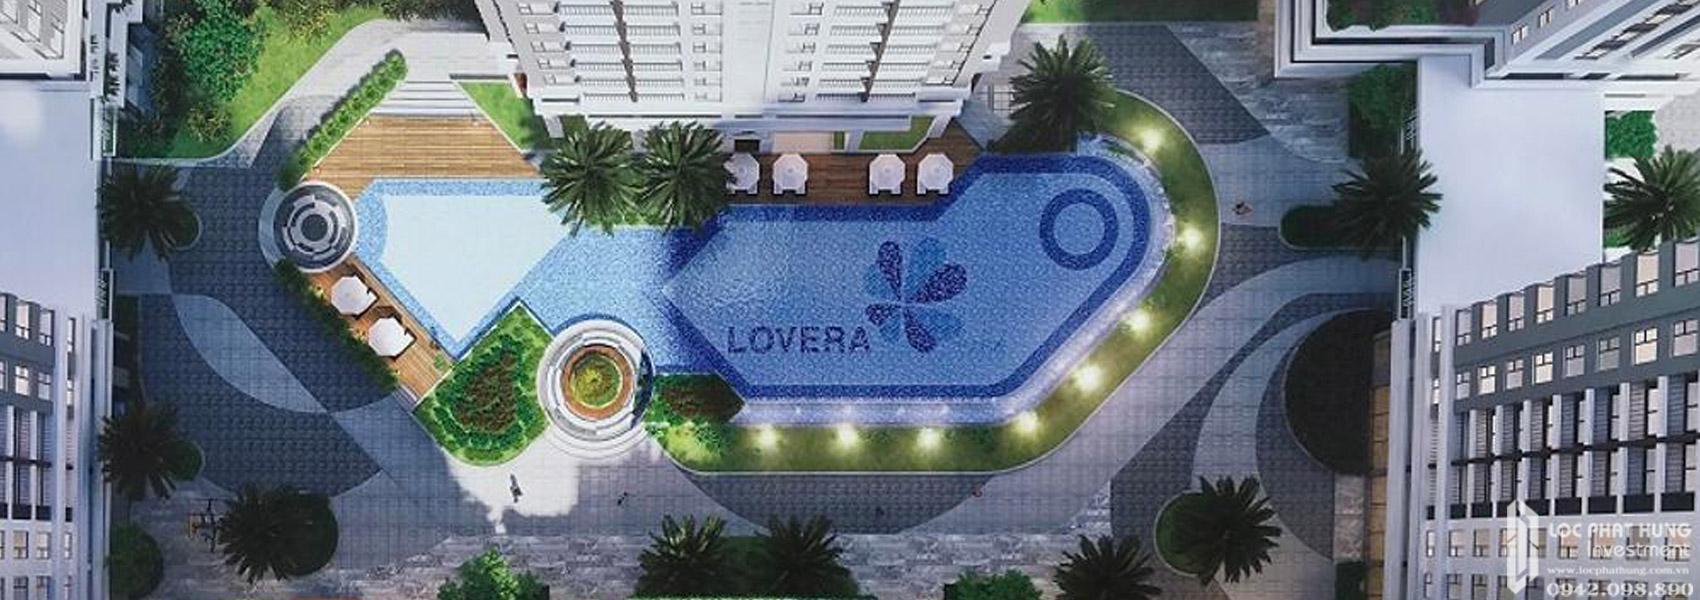 Hồ bơi Lovera Vista